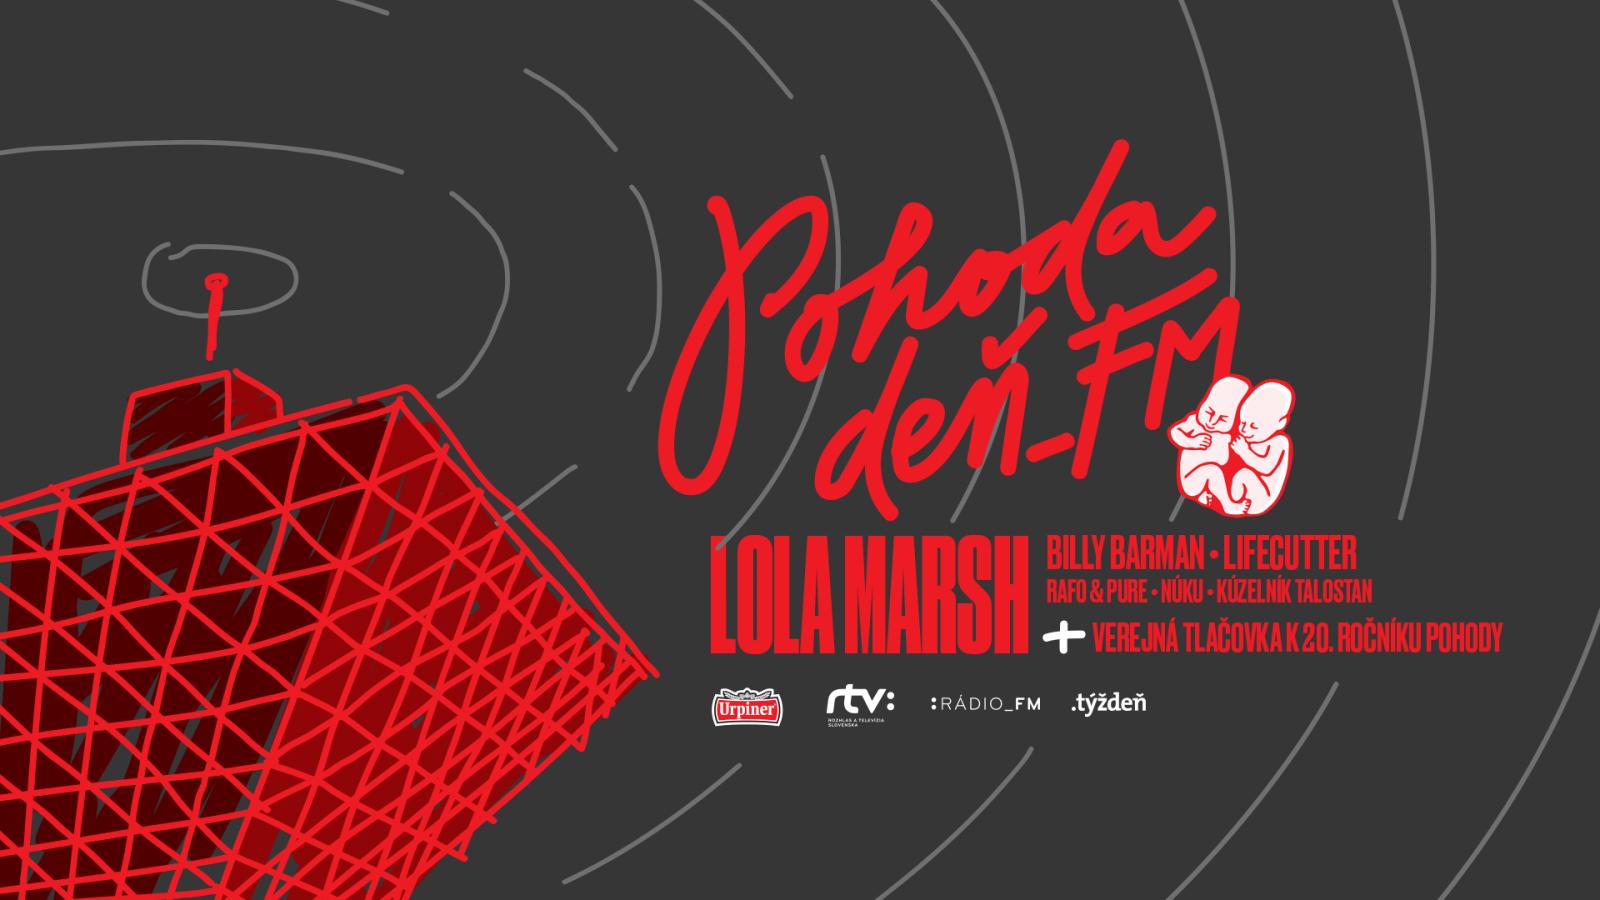 Pohoda Deň_FM 18. mája aj s Lola Marsh